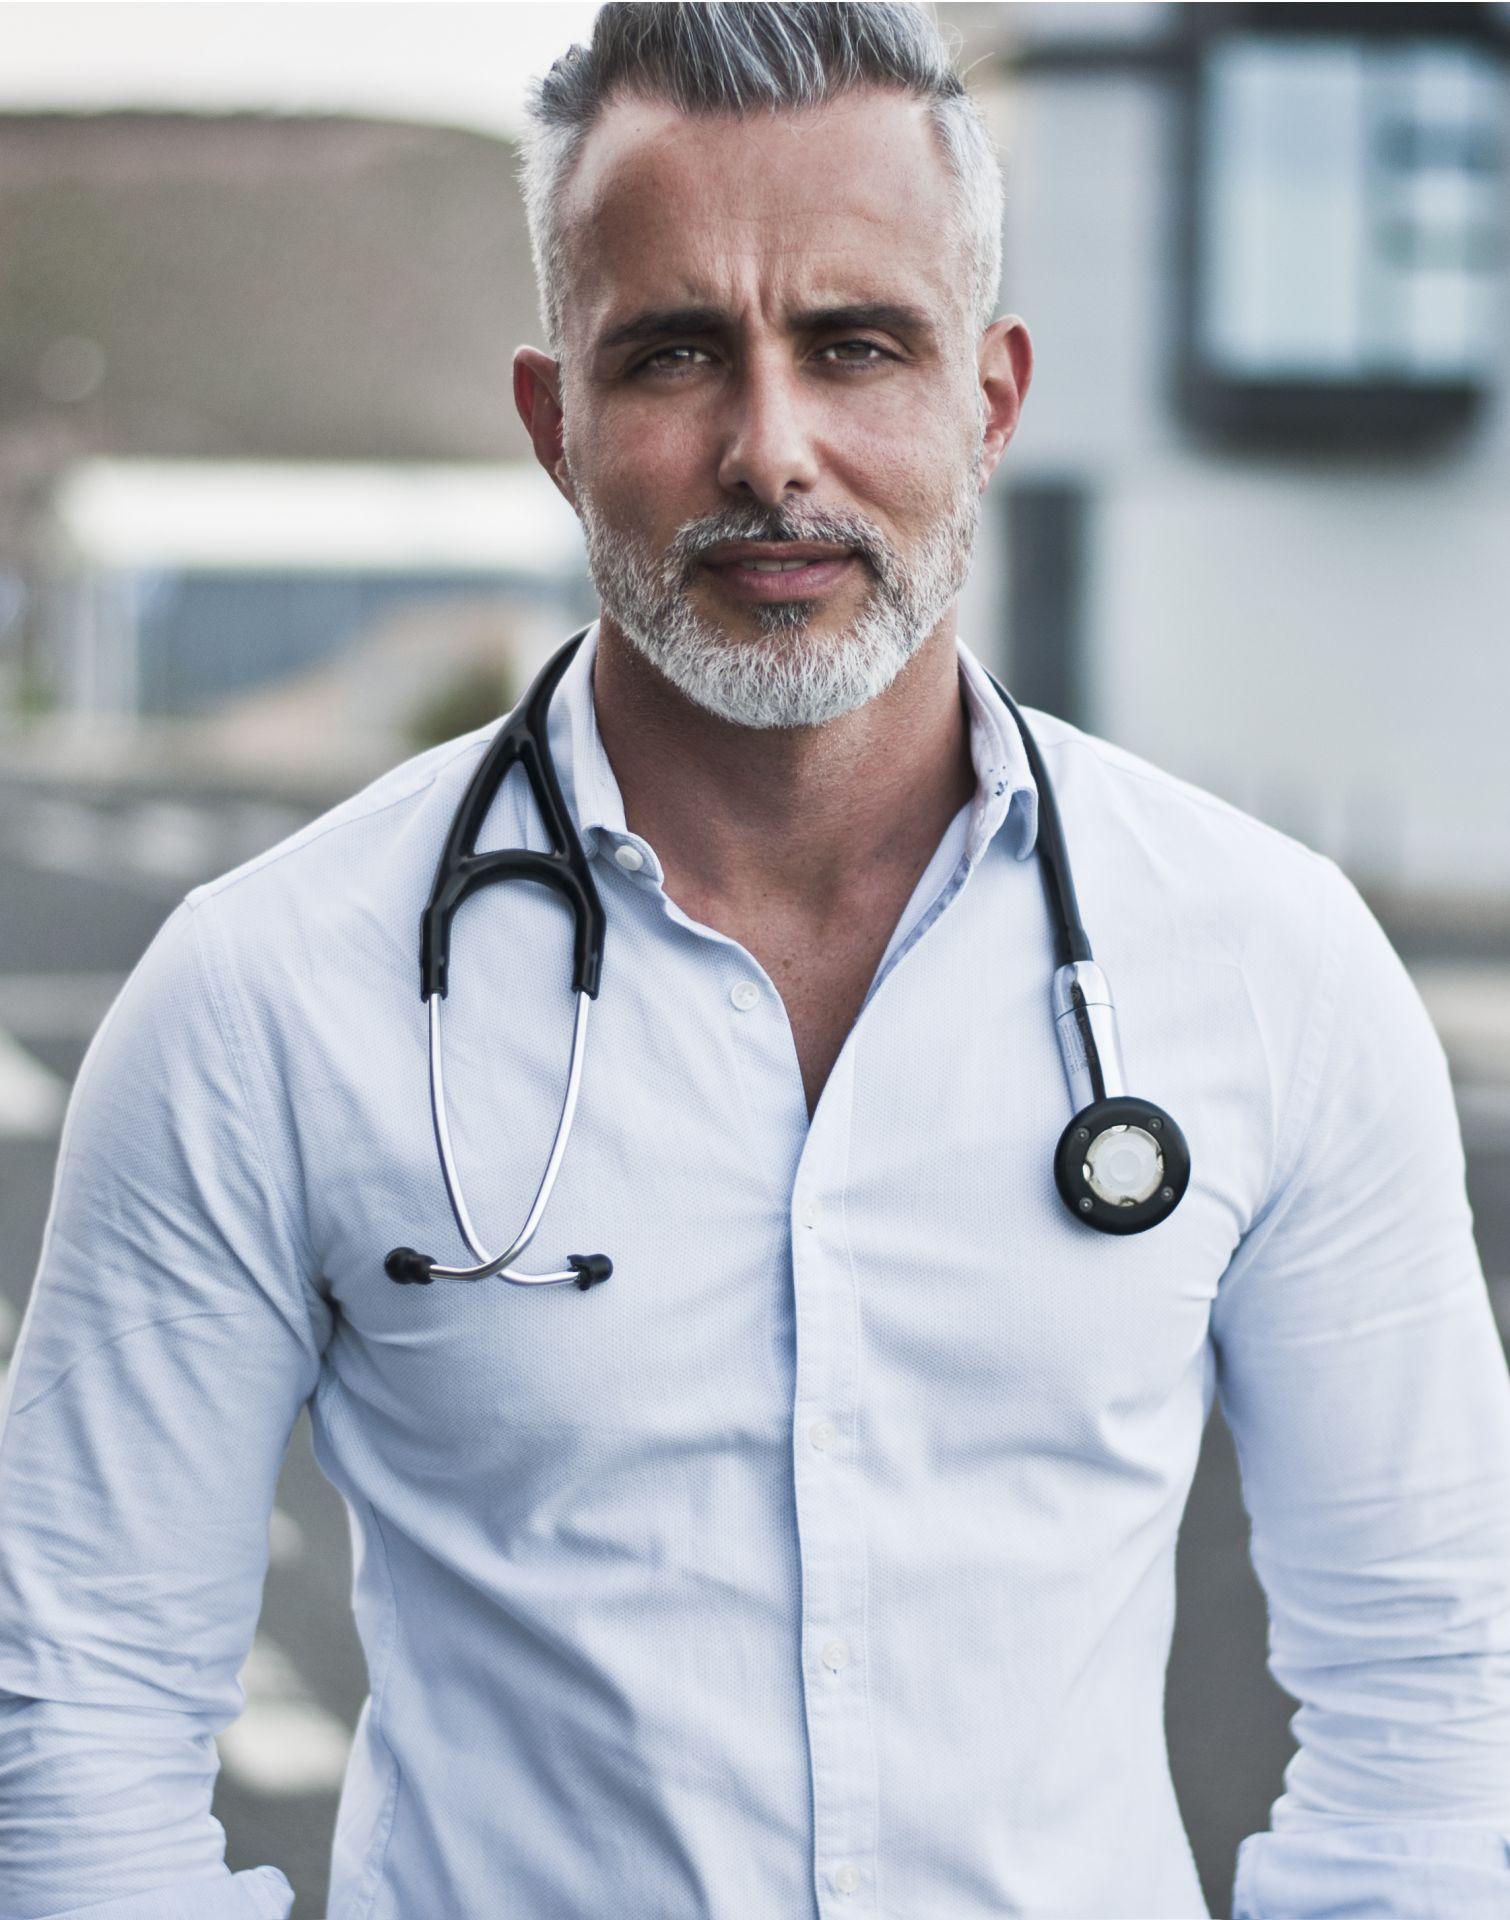 """""""No debes luchar contra tu cuerpo, debes escucharlo"""" - Entrevista al Doctor Florido para orientar a pacientes sin diagnóstico"""